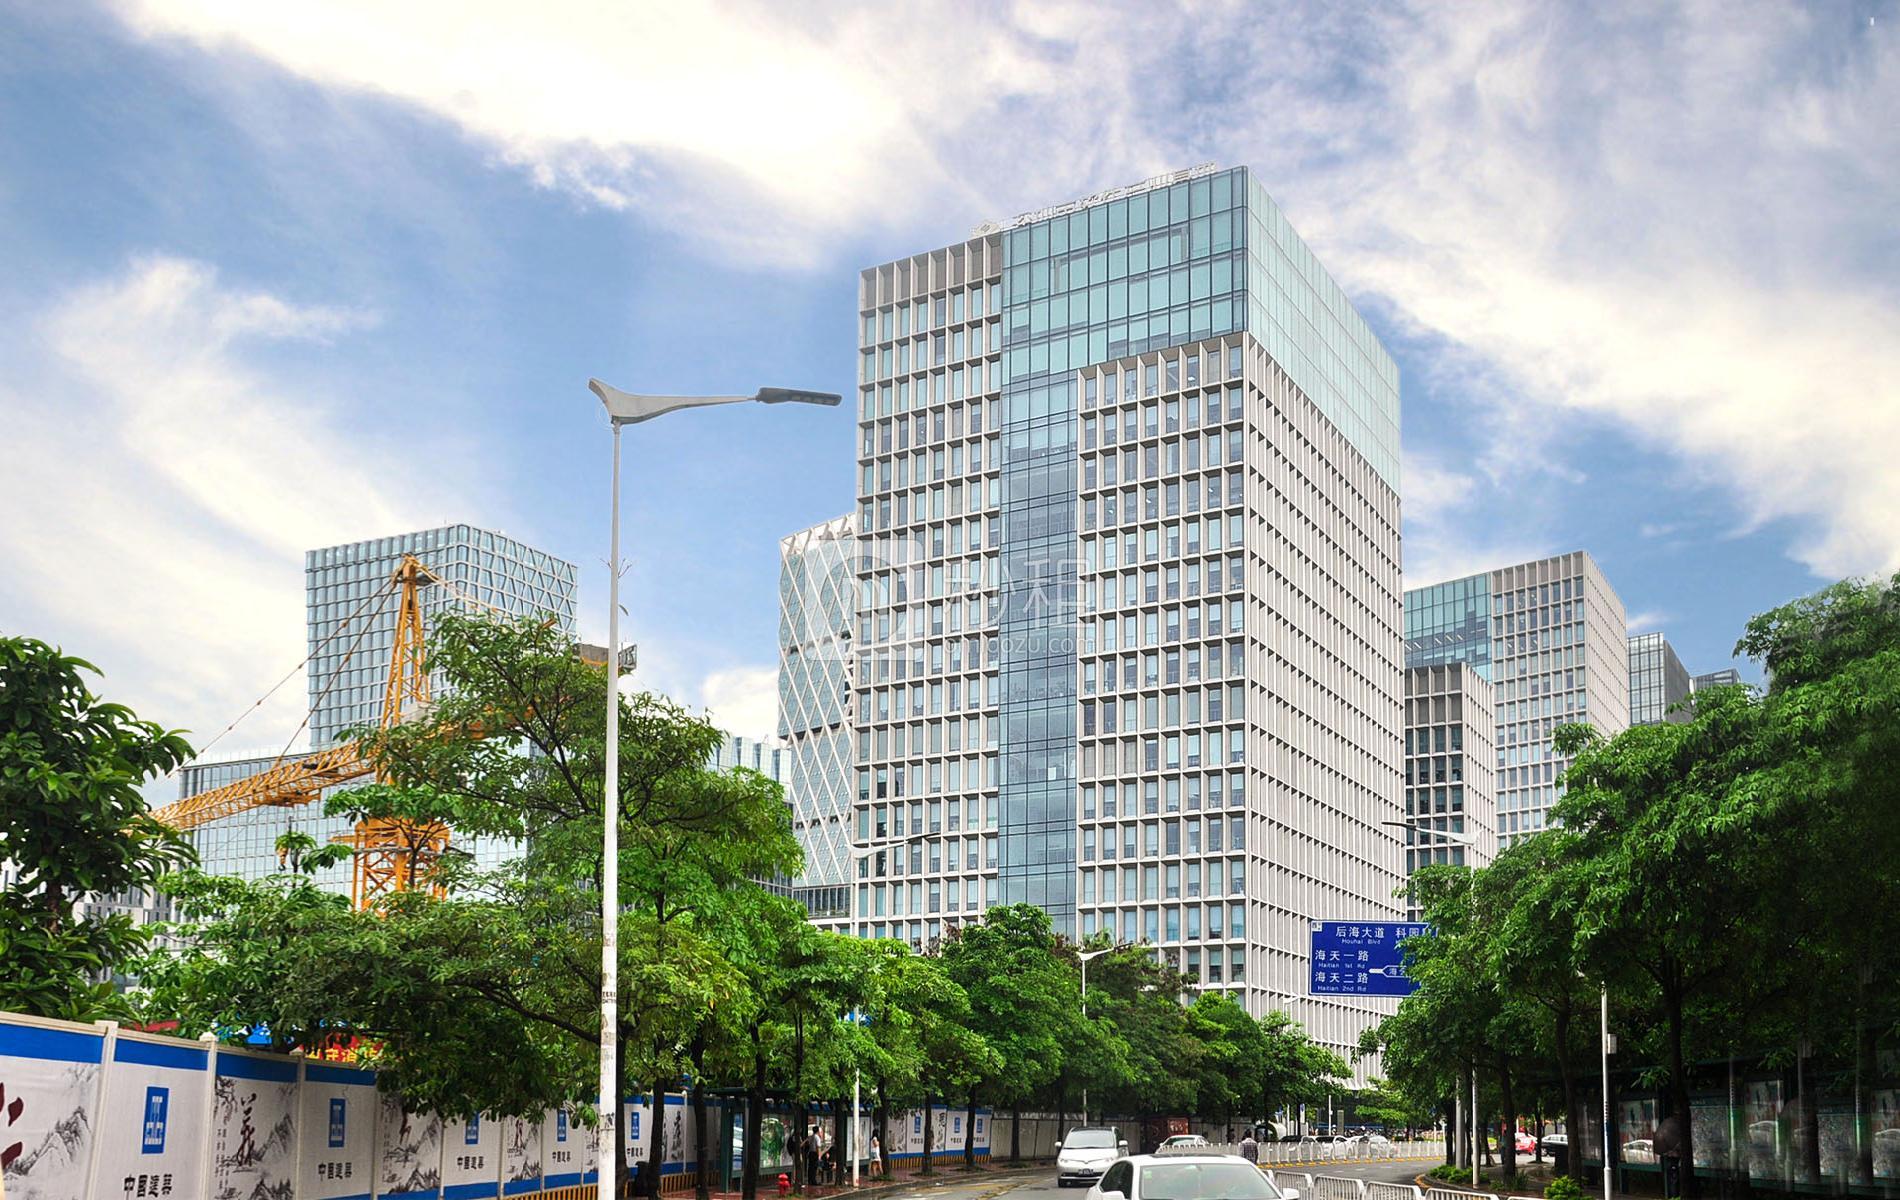 深圳市软件产业基地在哪?高新技术企业集聚地